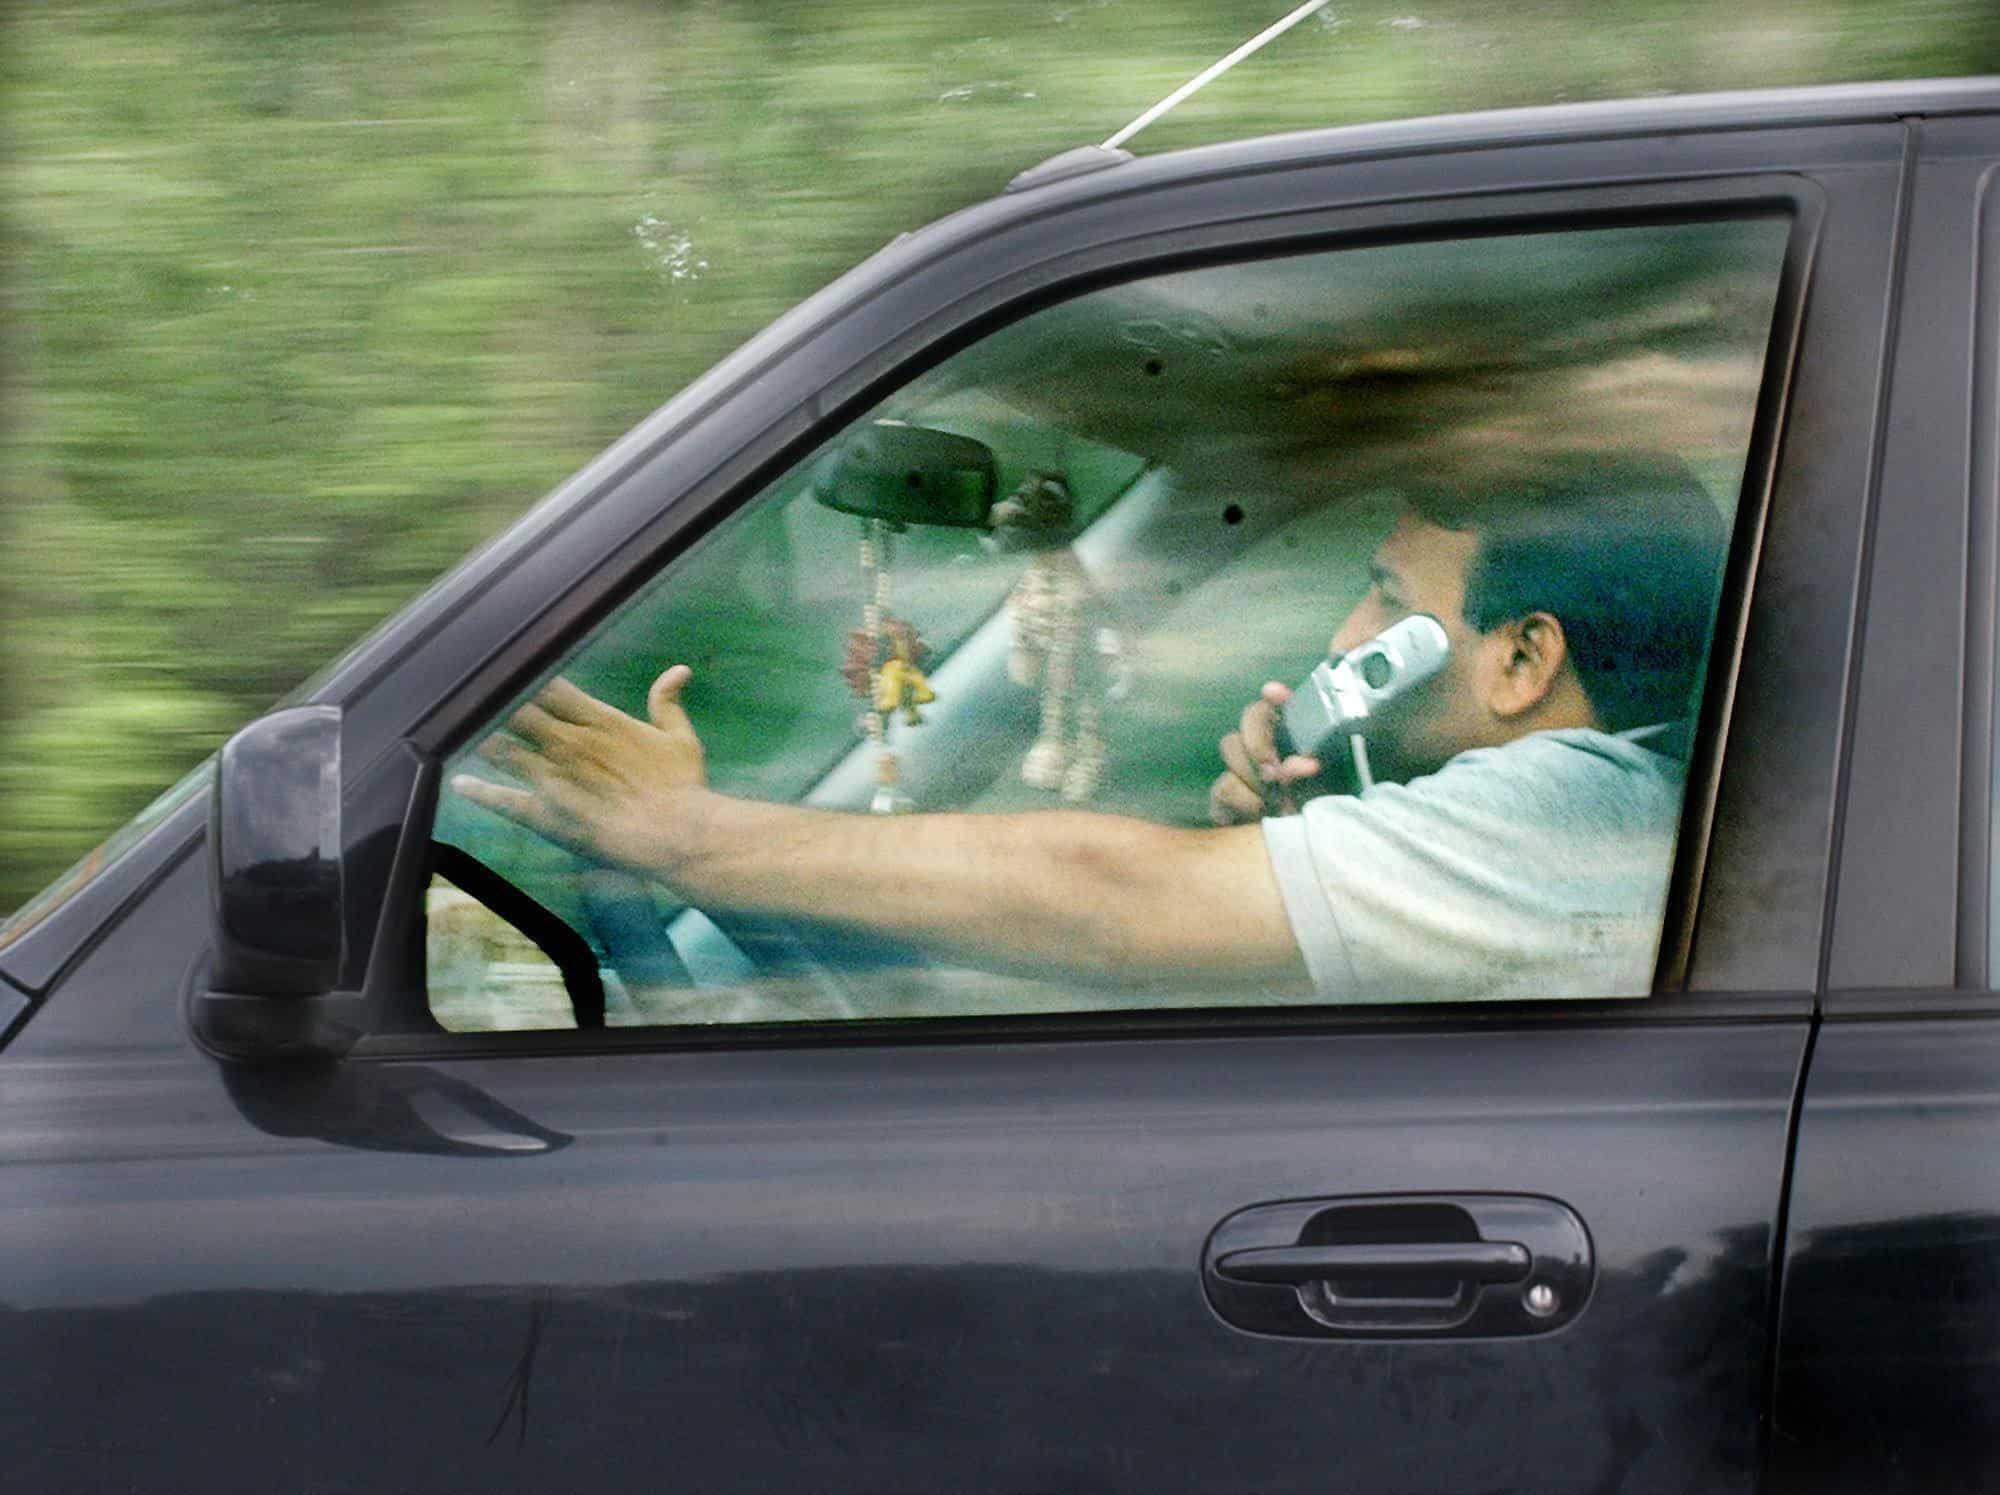 multa por dirigir falando ao celular riscos